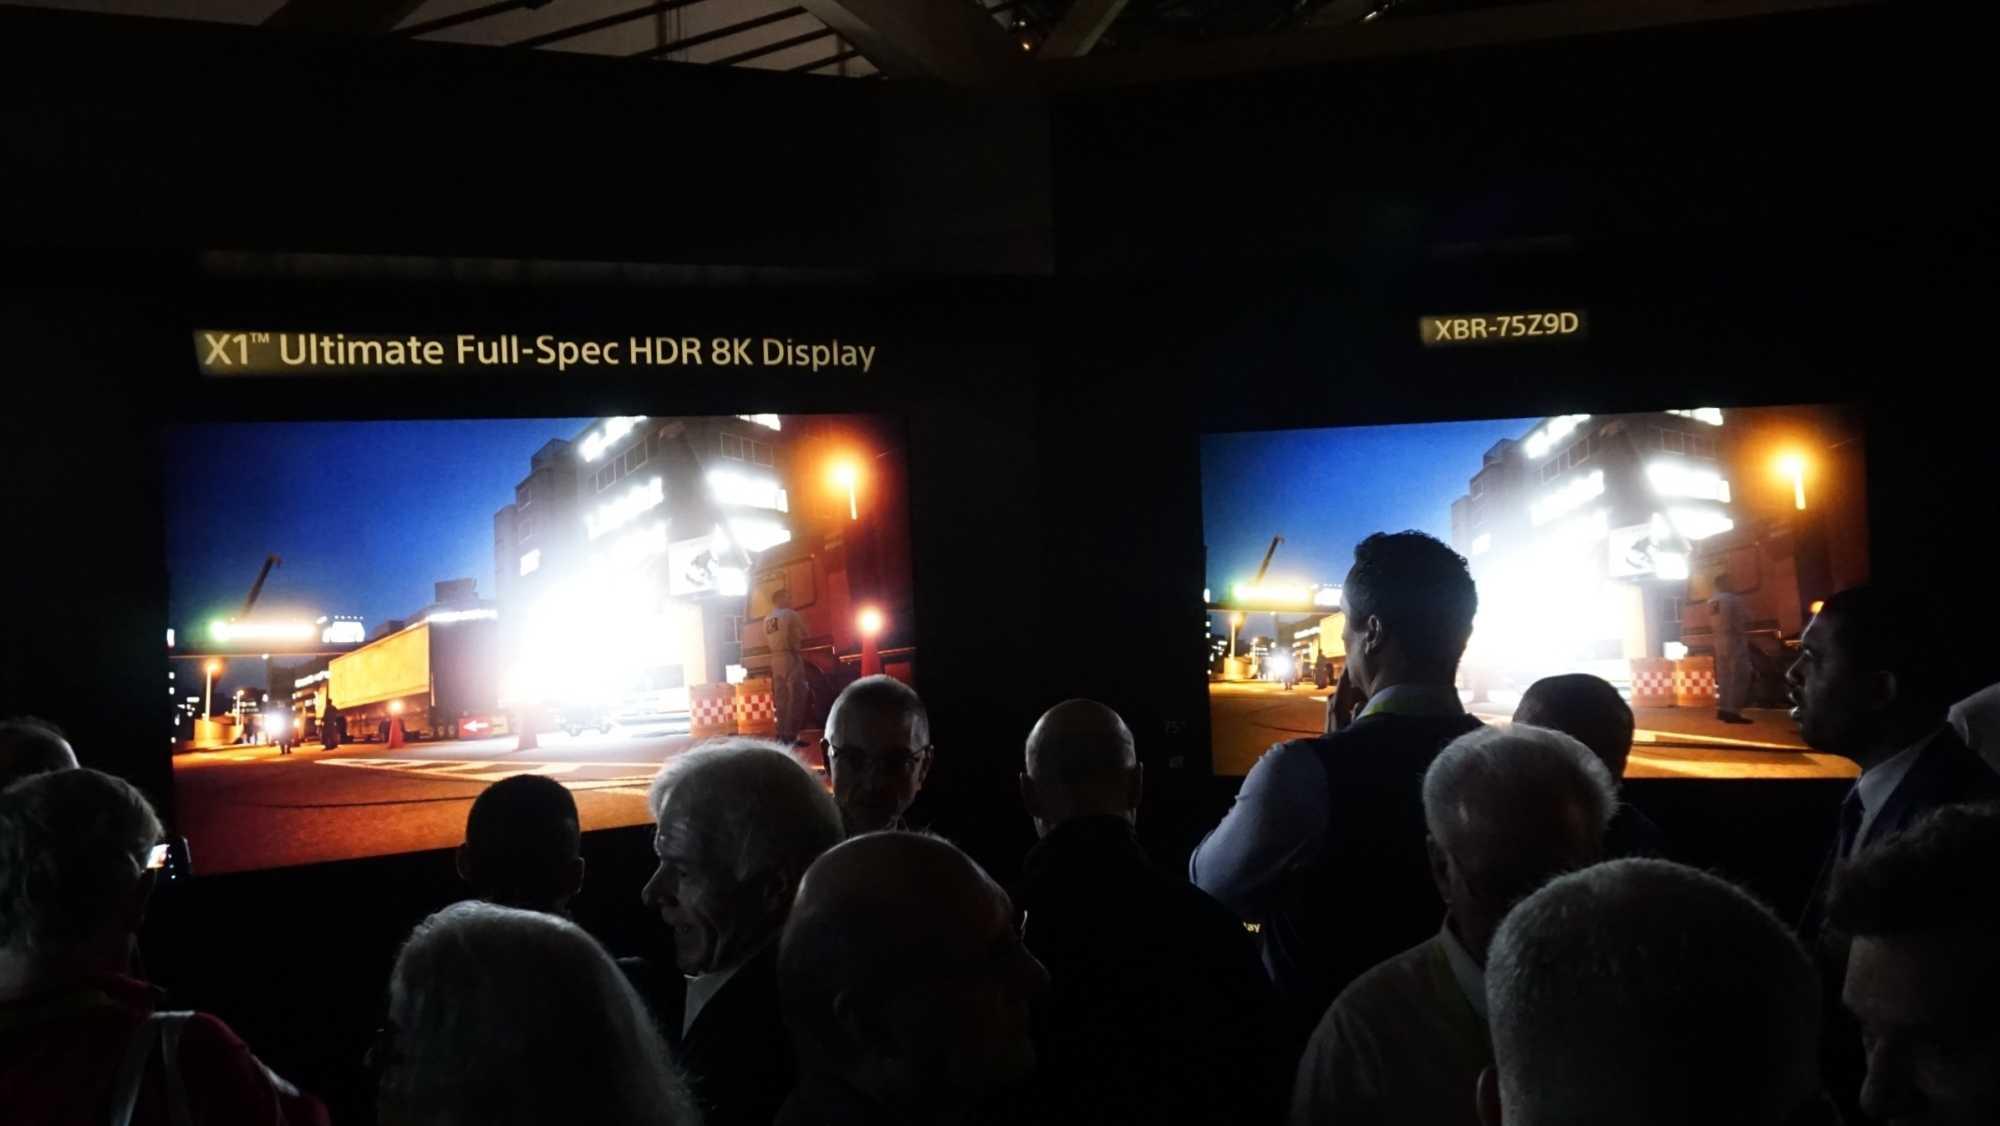 Links der 10.000 cd/m2 helle Schirm, hier im Vergleich mit Sonys bisherigem HDR-fähigen Top-LCD.